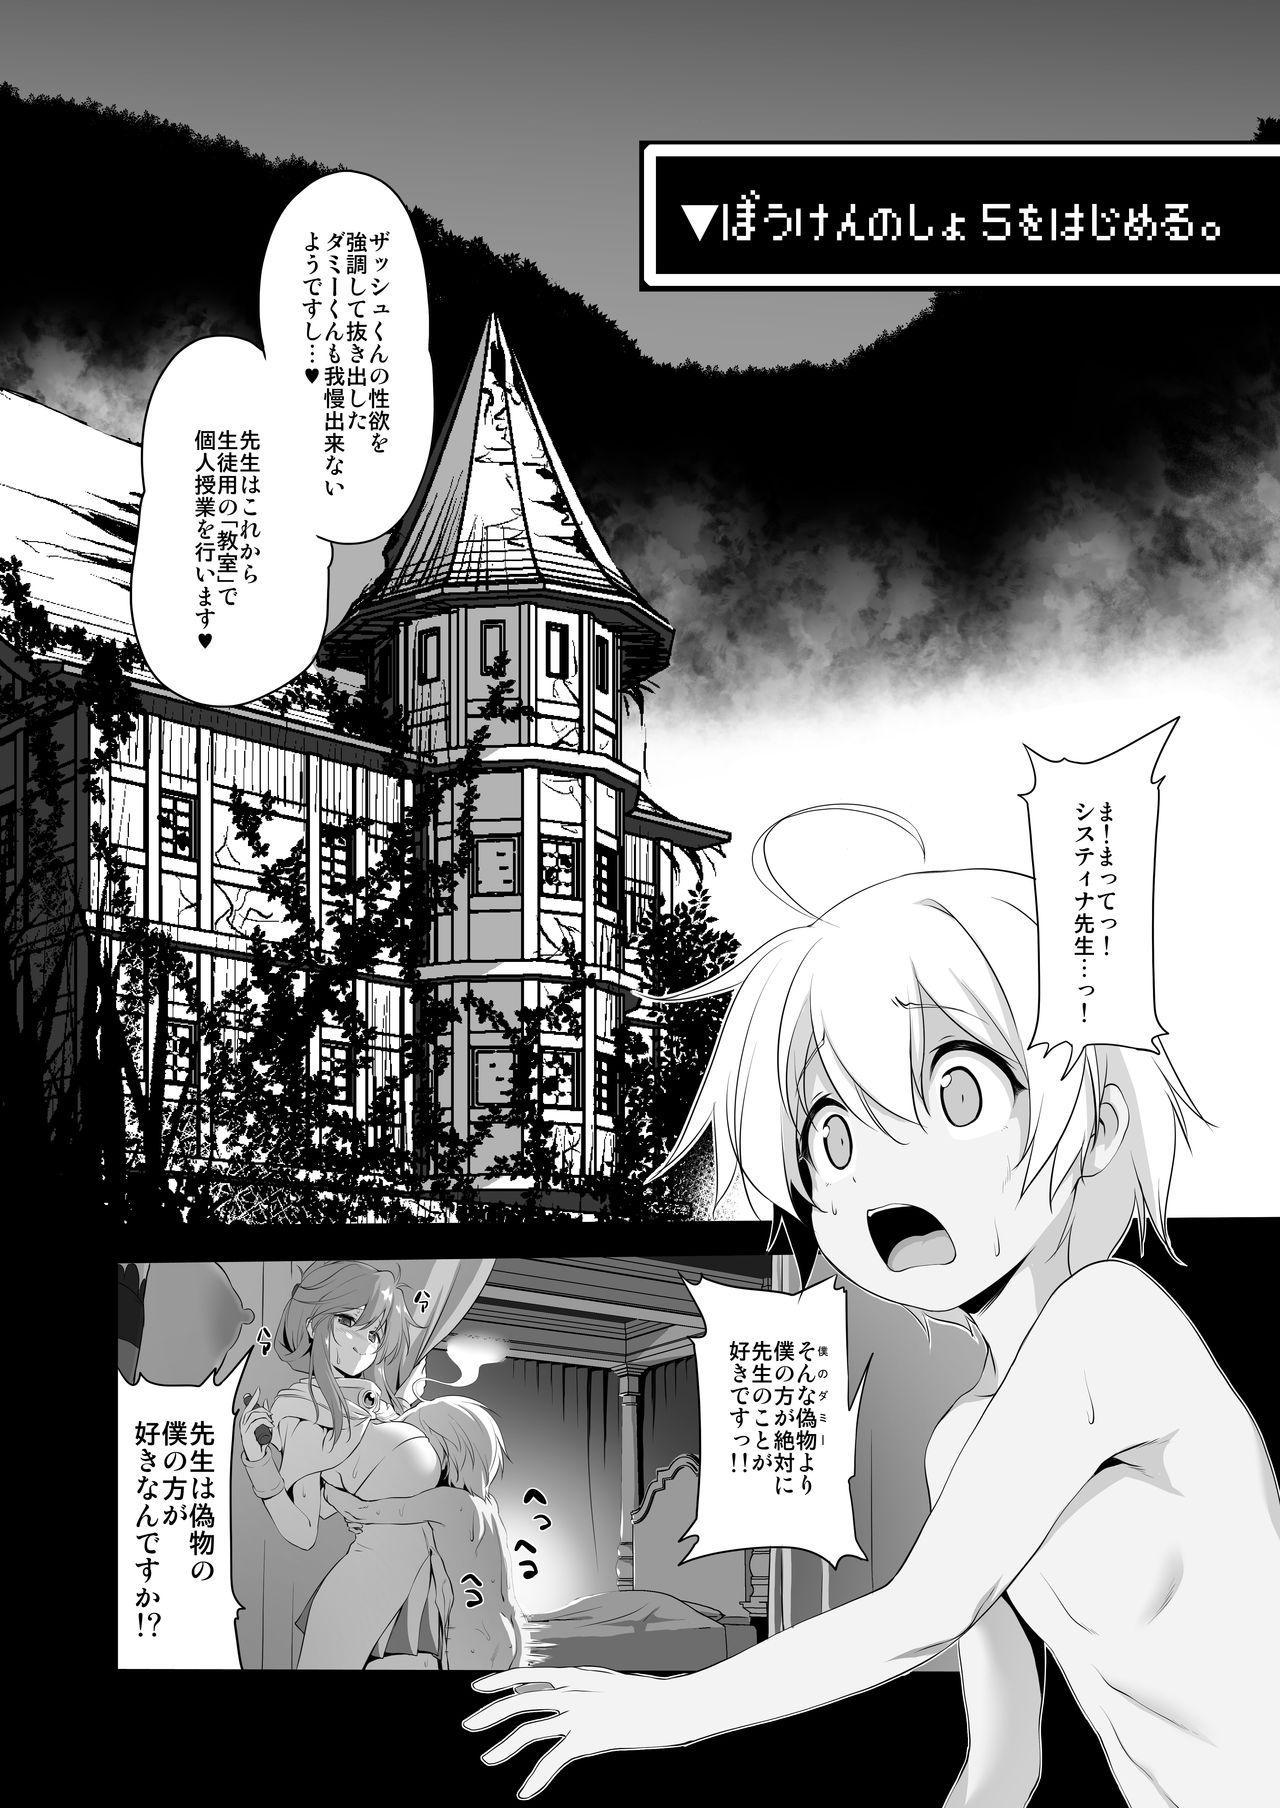 Makotoni Zannen desu ga Bouken no Sho 5 wa Kiete Shimaimashita. 5